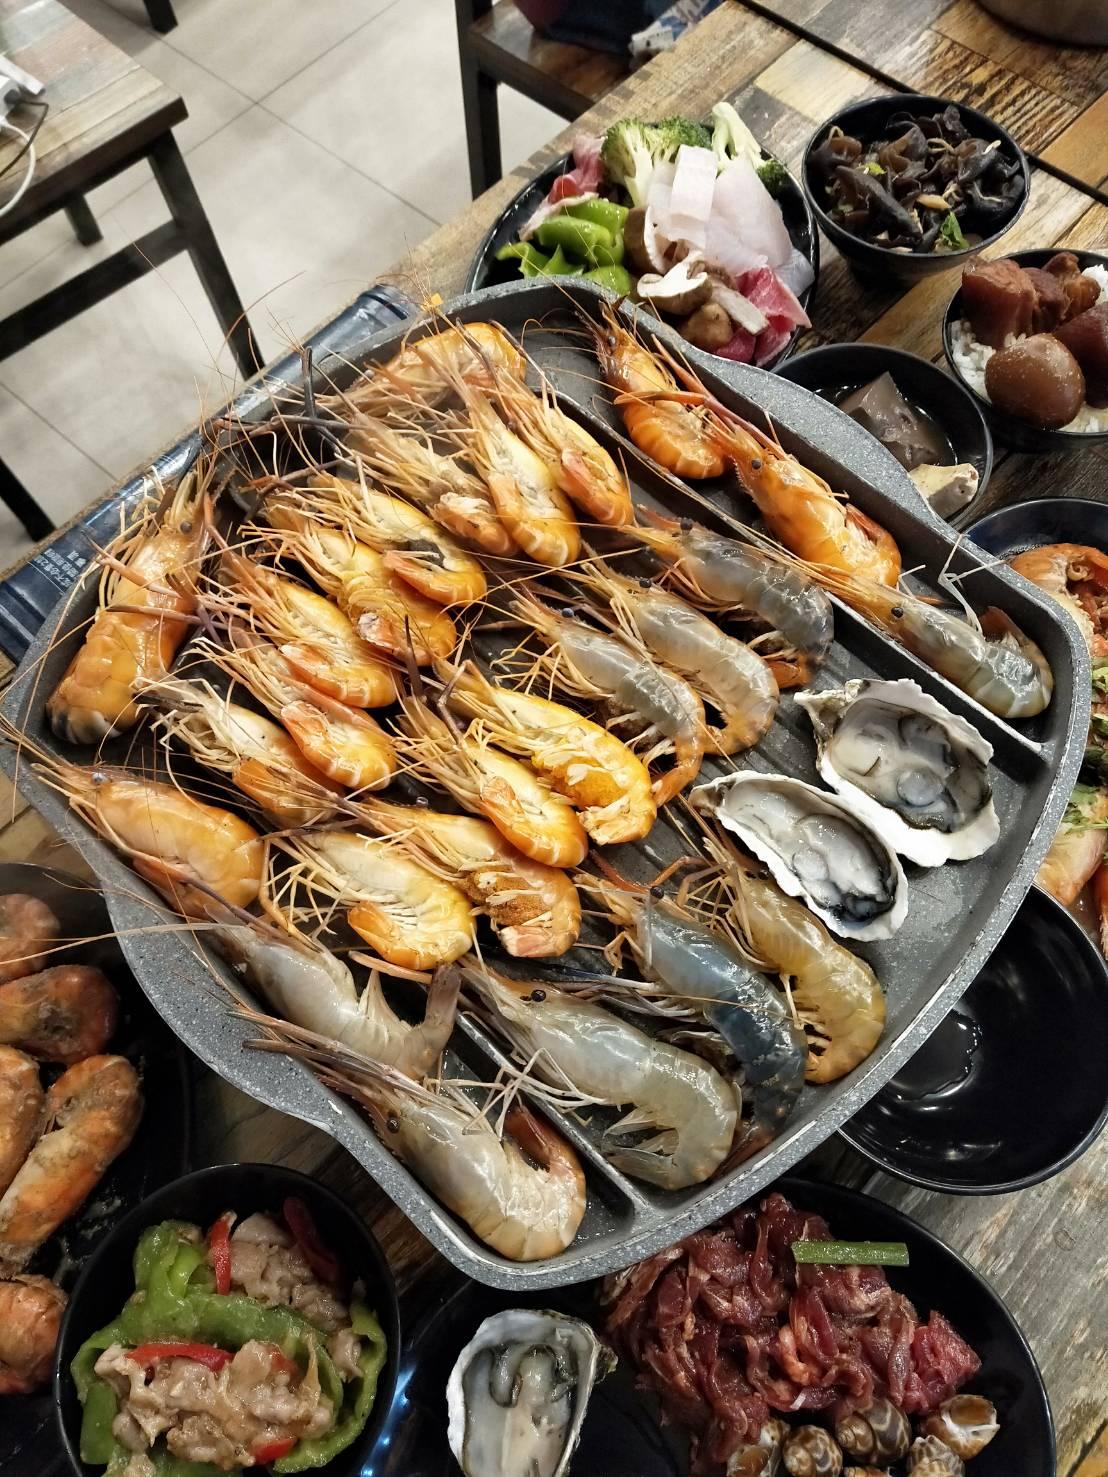 八德吃到飽,八德美食,大湳,廣福路,泰國蝦吃到飽,泰蝦樂,流水蝦,流水道,熟食,生啤酒,生蠔,祿貝爾幼兒園,魚下巴